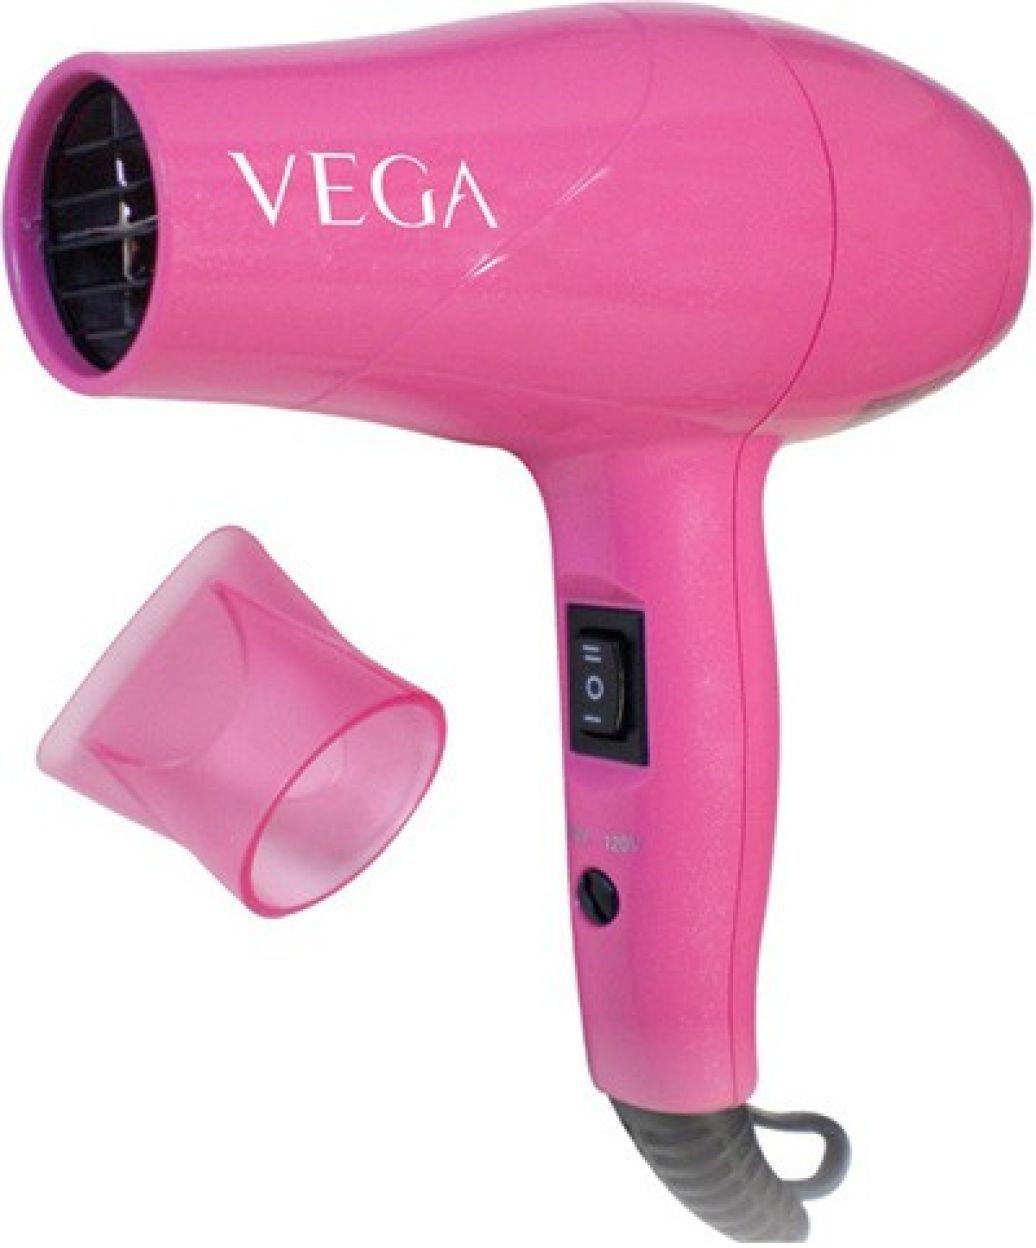 Vega VHDH-02 Hair Dryer